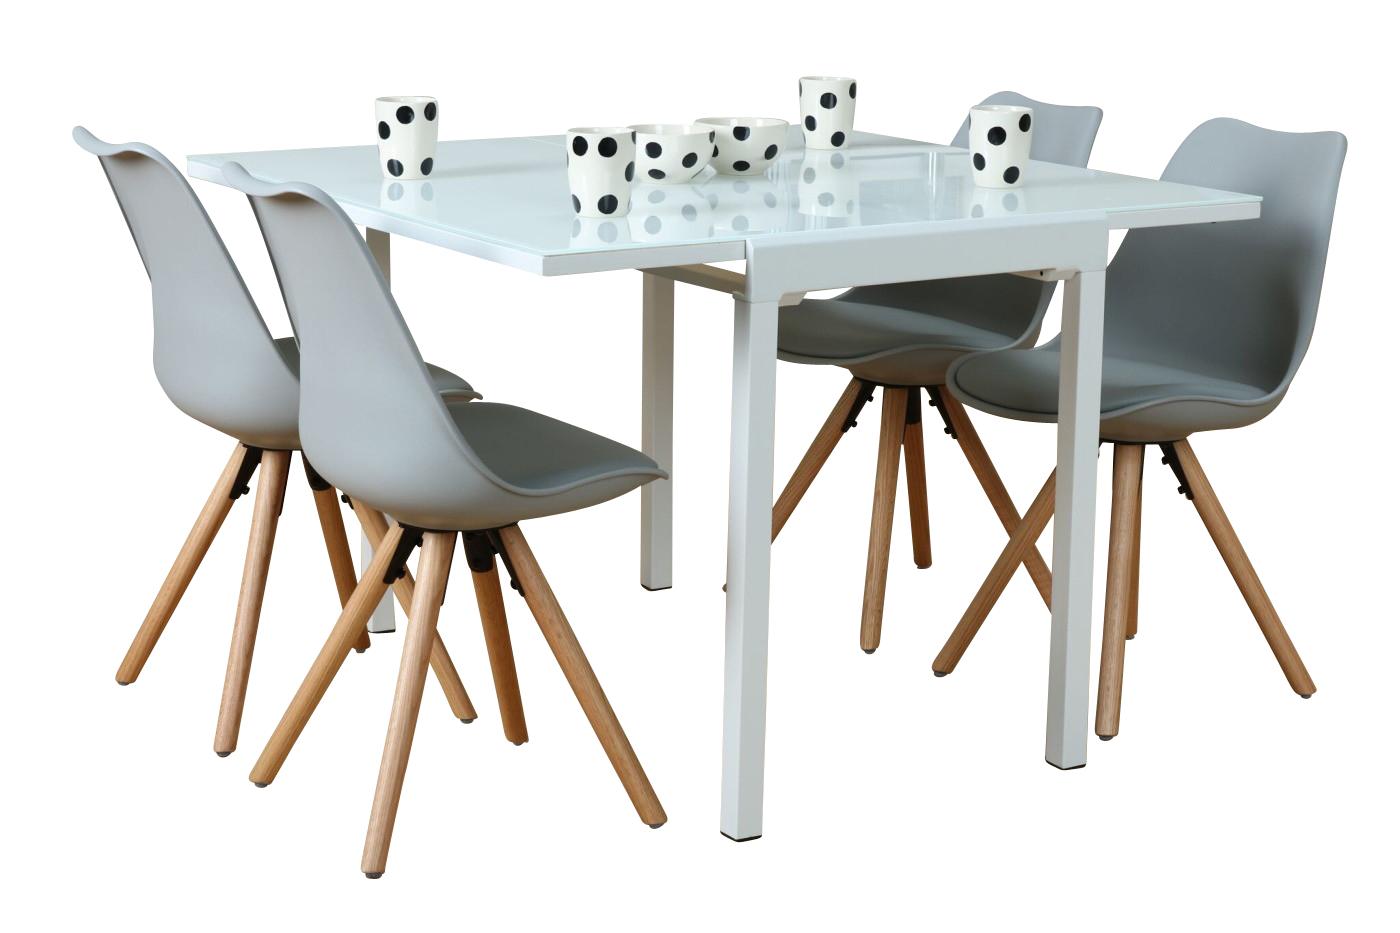 Full Size of Paket 5tlg Essgruppe Esstisch Esszimmer Stuhl Sthle Glas Tisch Oval Weiß Rund Mit Stühlen Industrial Esstische Massivholz Runder Mexiko Rundreise Und Baden Esstische Esstisch Und Stühle